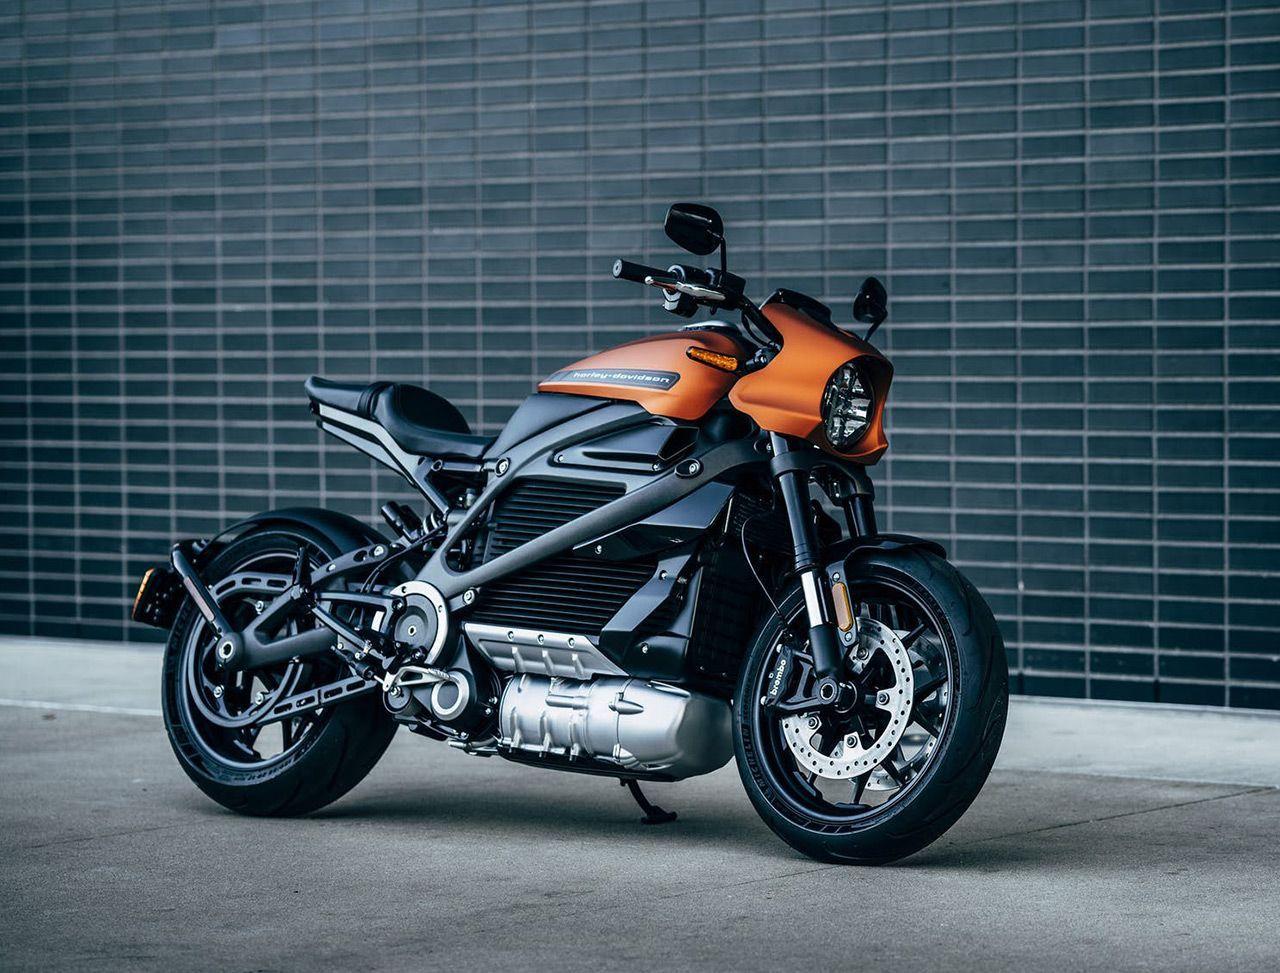 Rolovací TV, 11K kamera nebo elektrický Harley-Davidson. Co přinesla letošní konference CES?